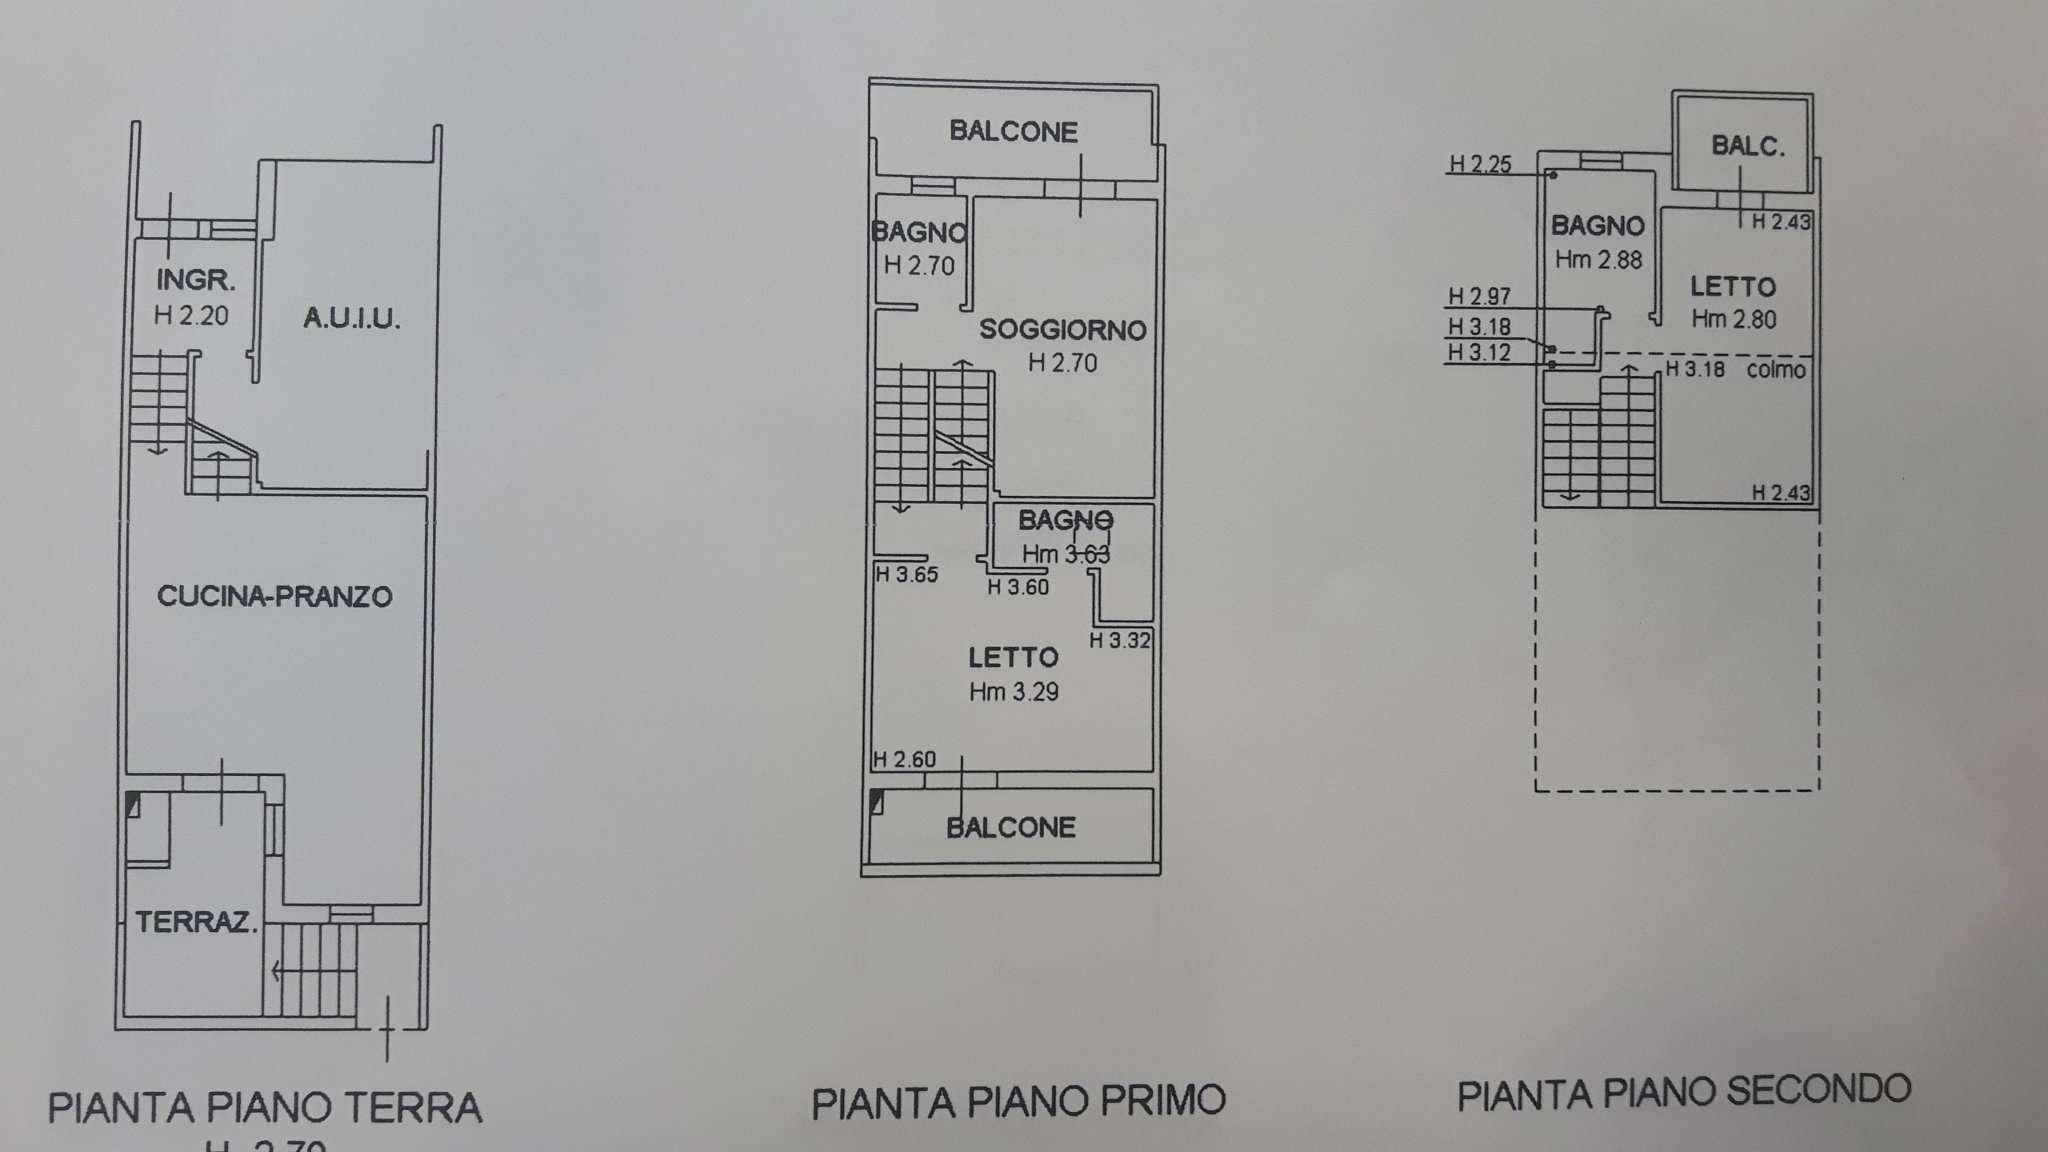 Forlì Vendita VILLA A SCHIERA Immagine 1